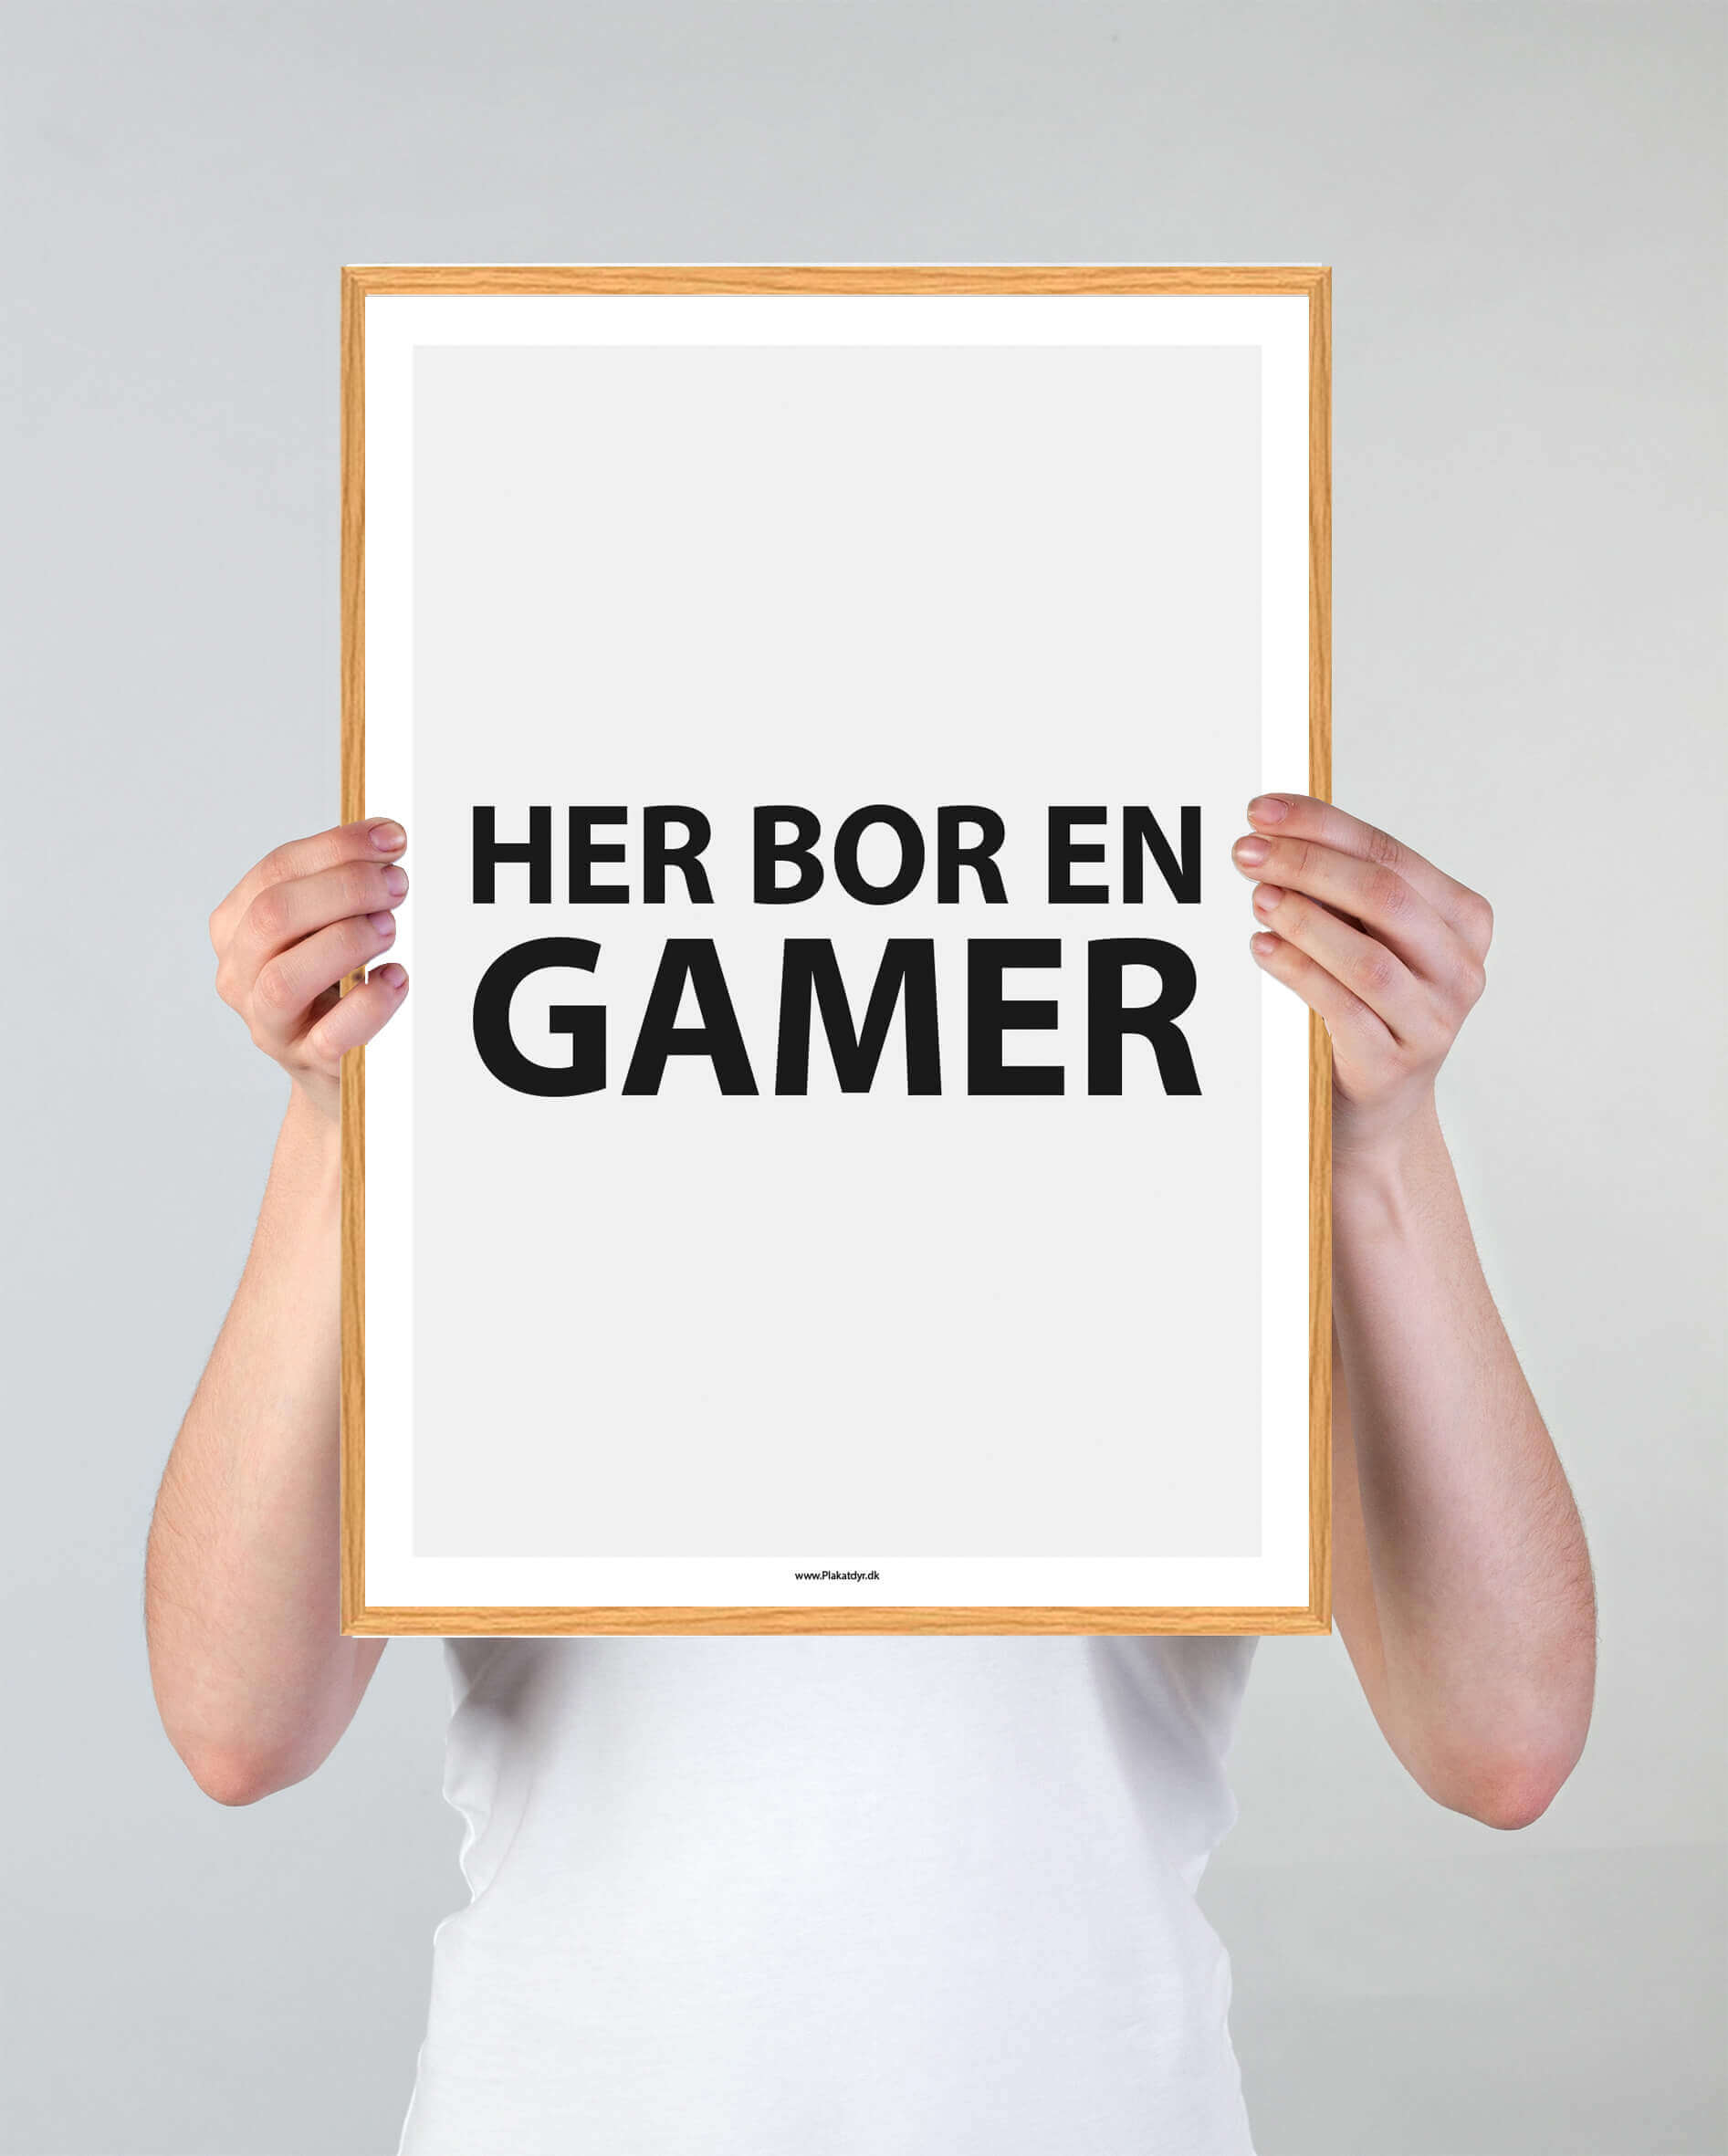 Gamer-Her-bor-en-gamer-2